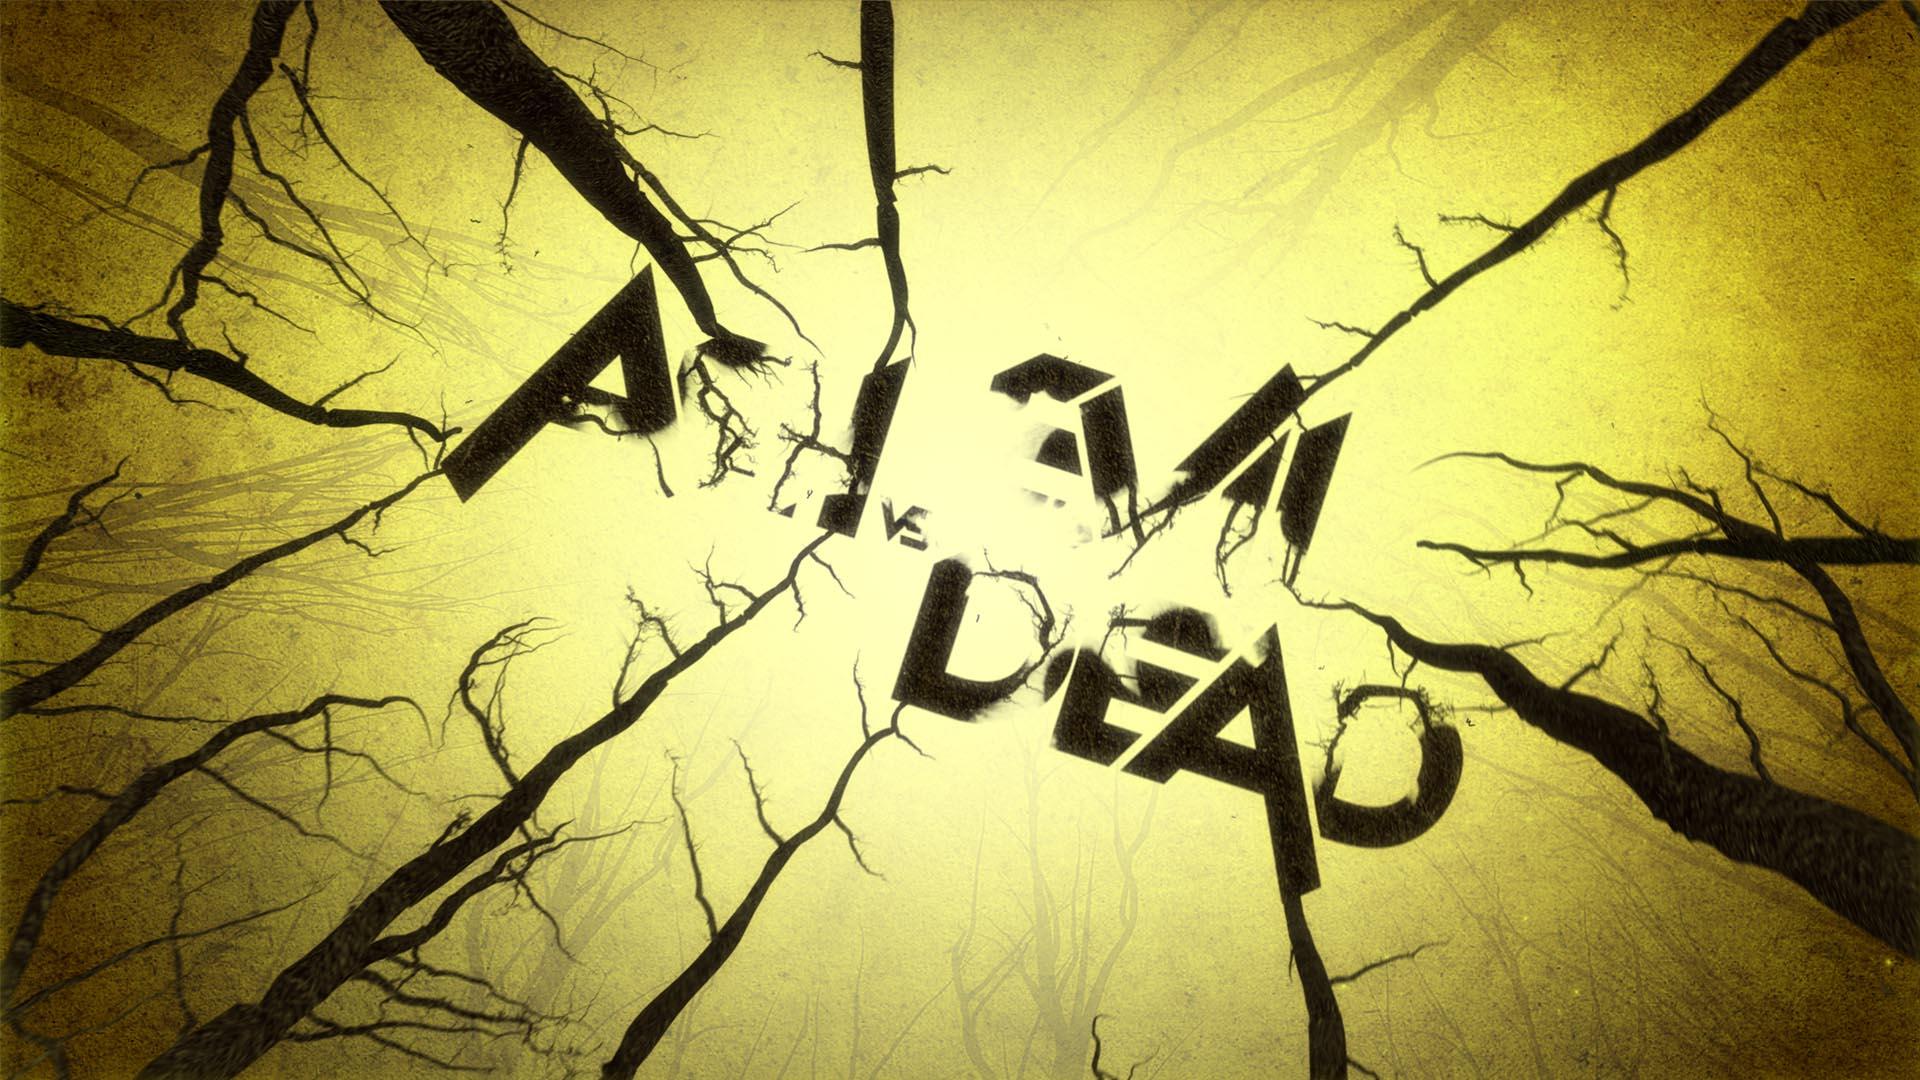 Ash Vs Evil Dead Evil Dead 920589 Hd Wallpaper